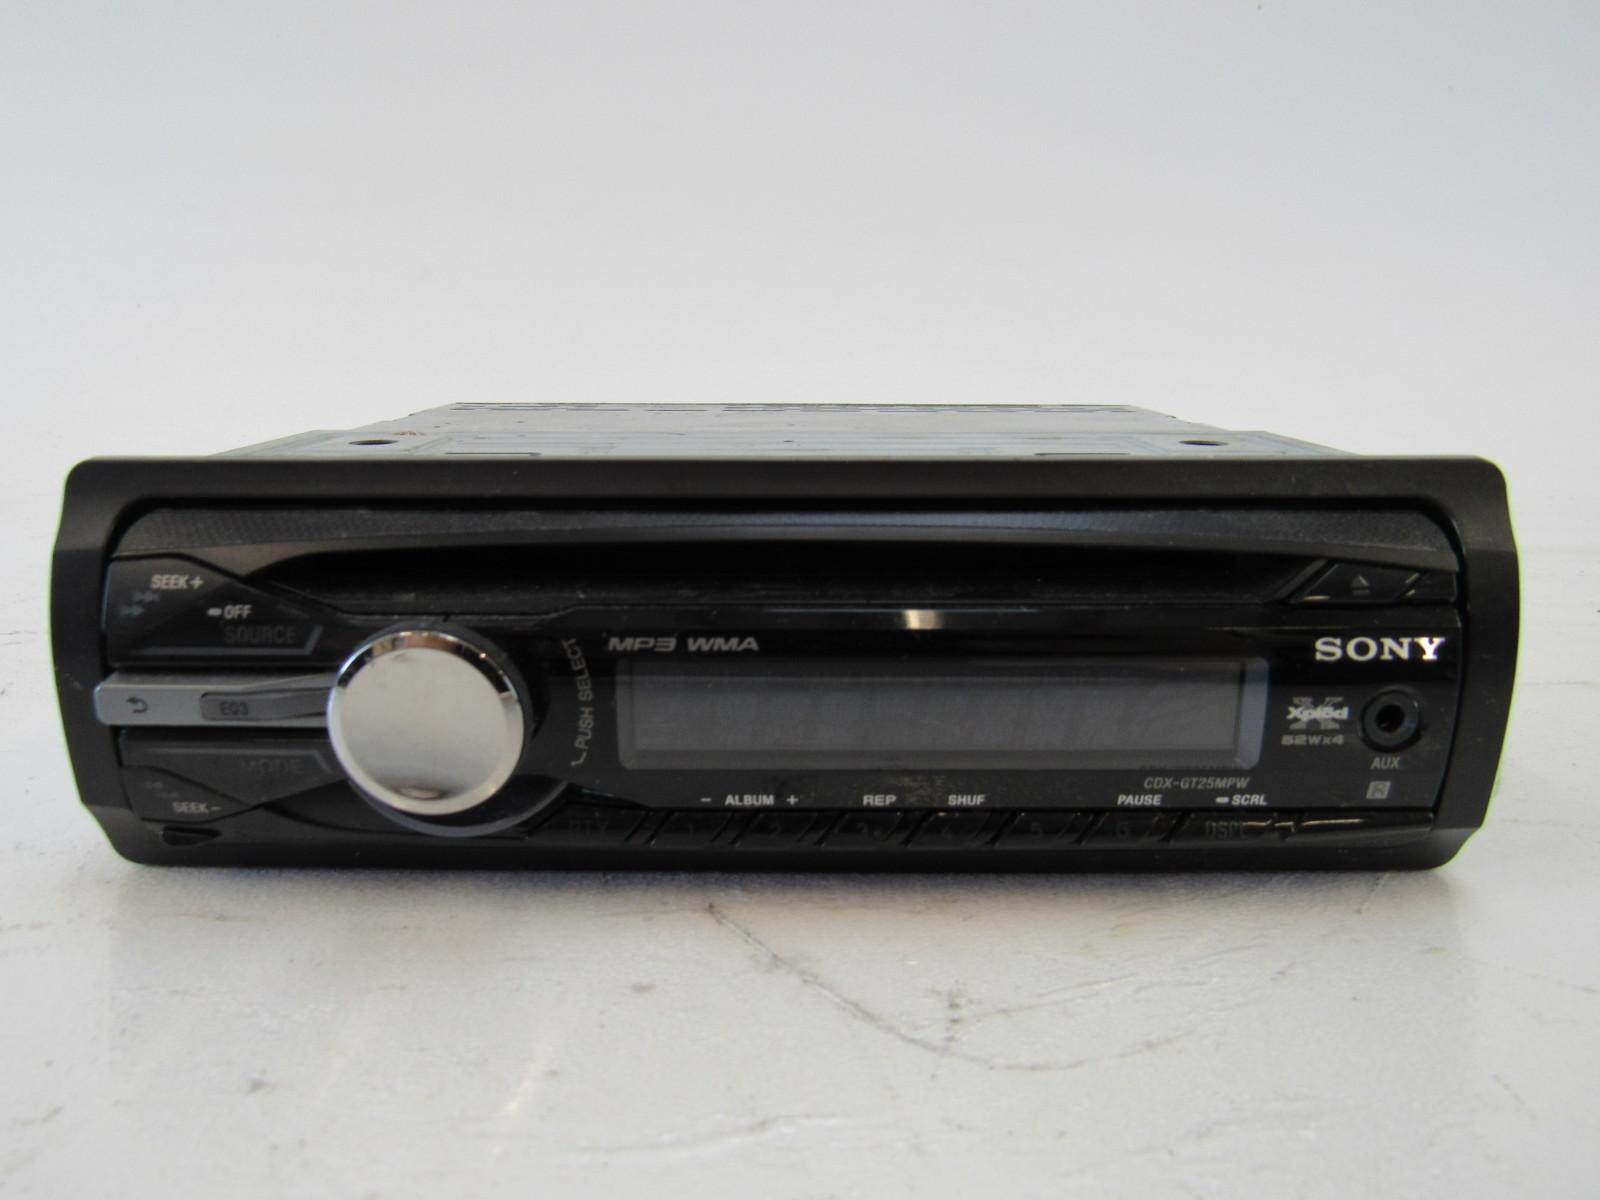 Bestseller  Sony Xplod 52wx4 Car Stereo Manual